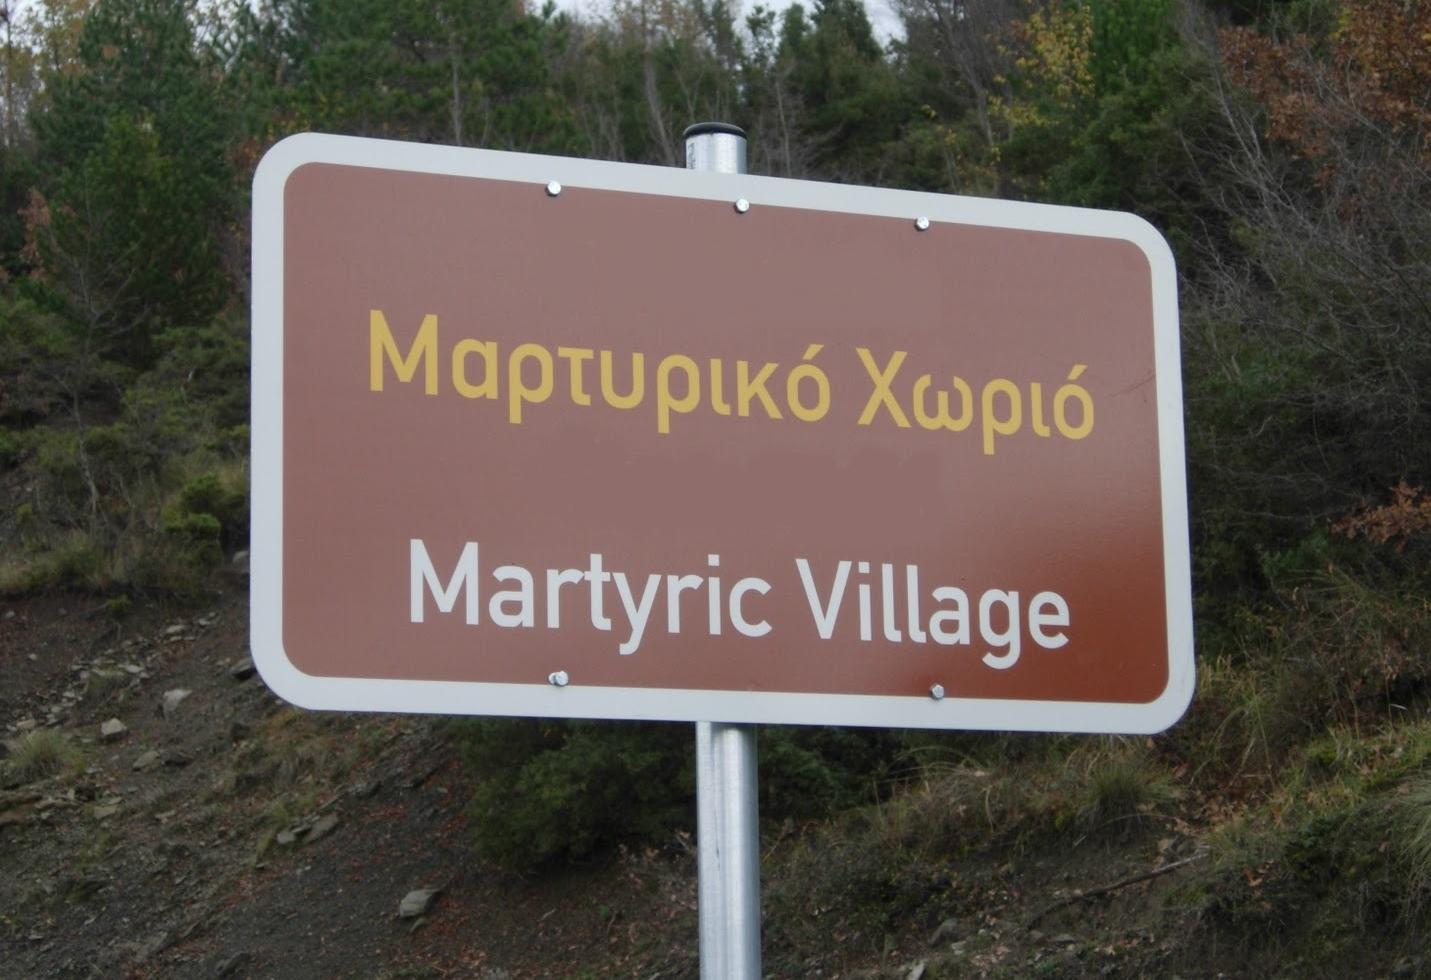 Κωσταραζι - Μαρτυρικο χωριο